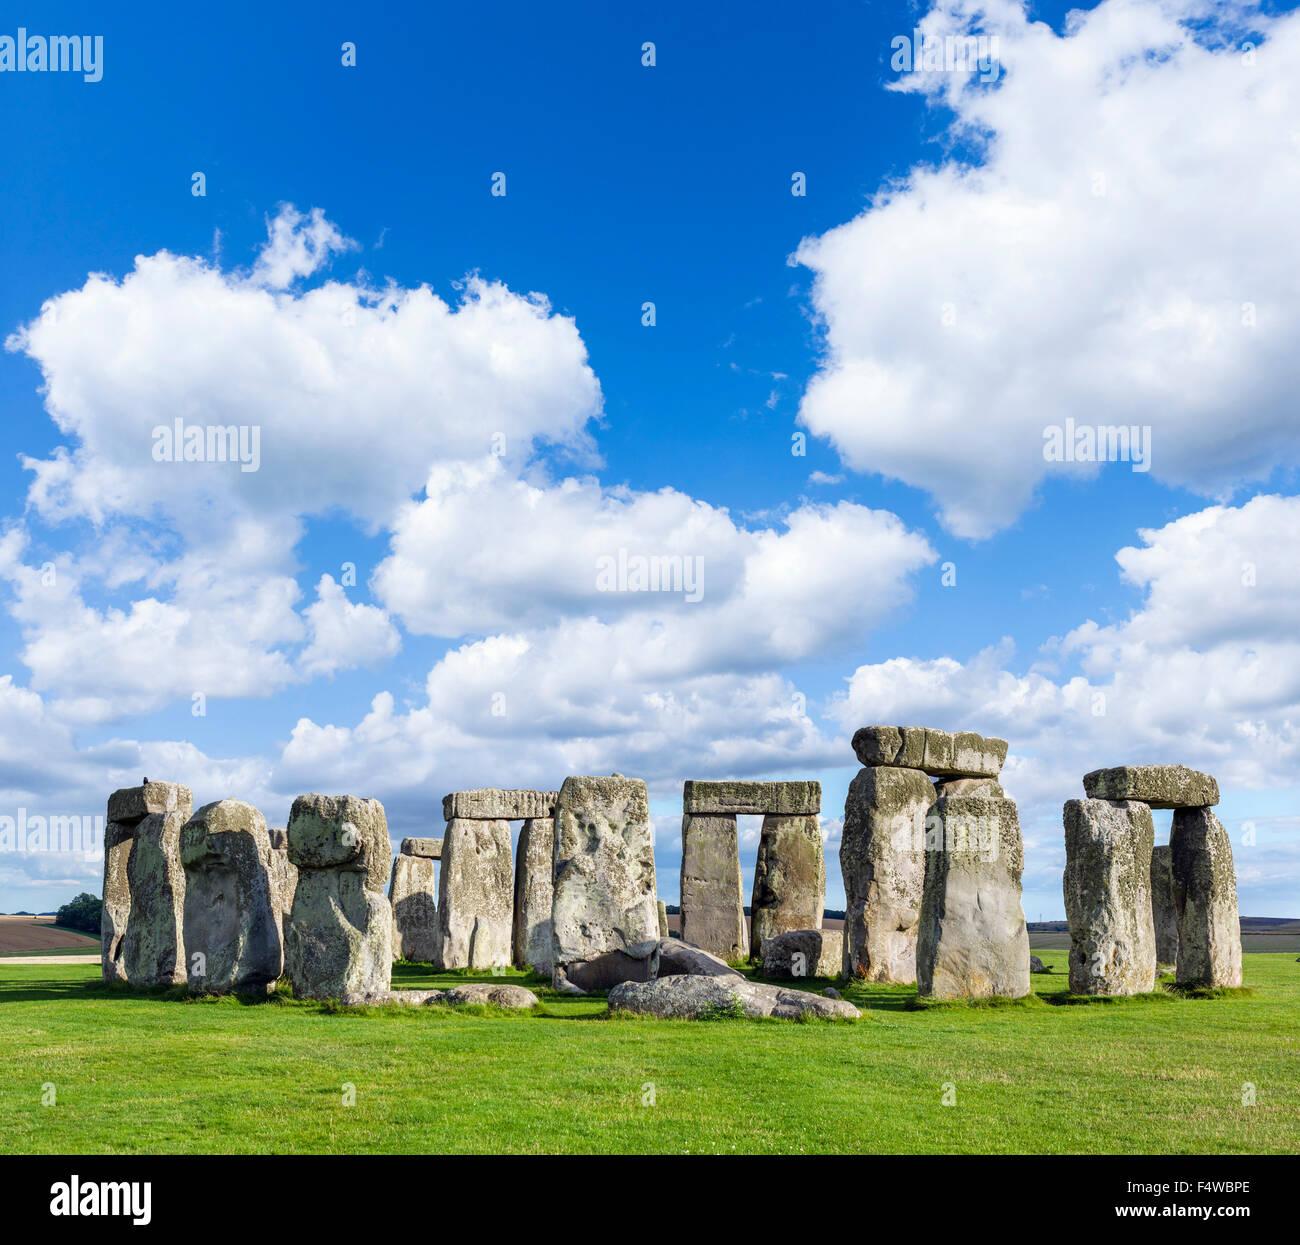 Stonehenge, near Amesbury, Wiltshire, England, UK - Stock Image